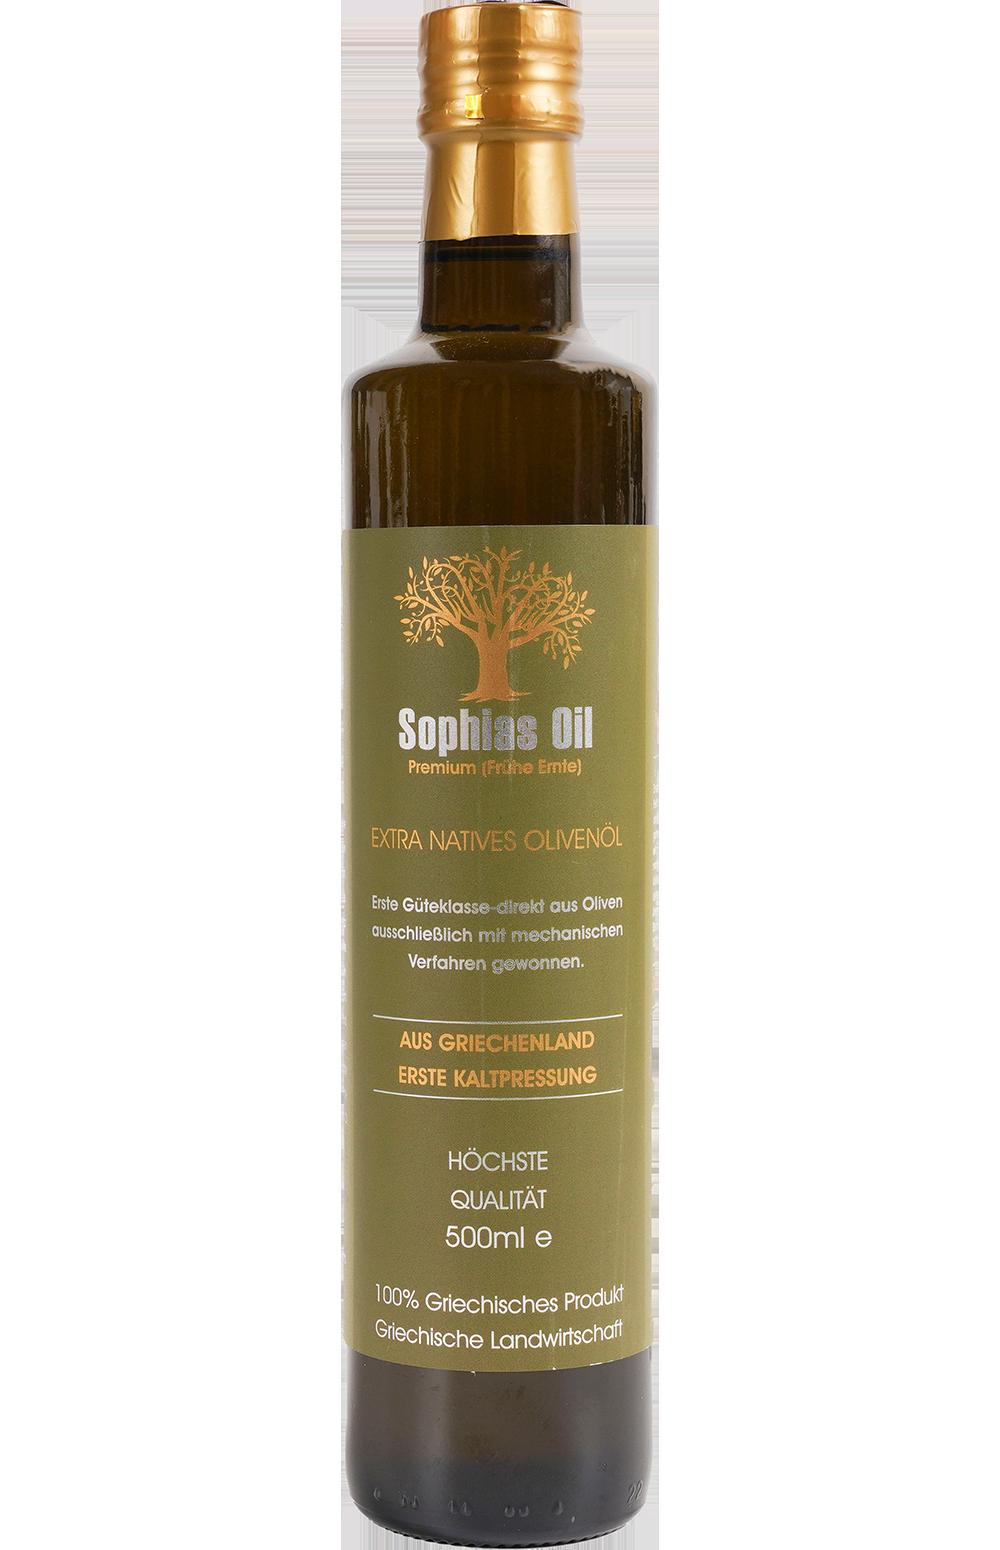 Sophia's oil Premium